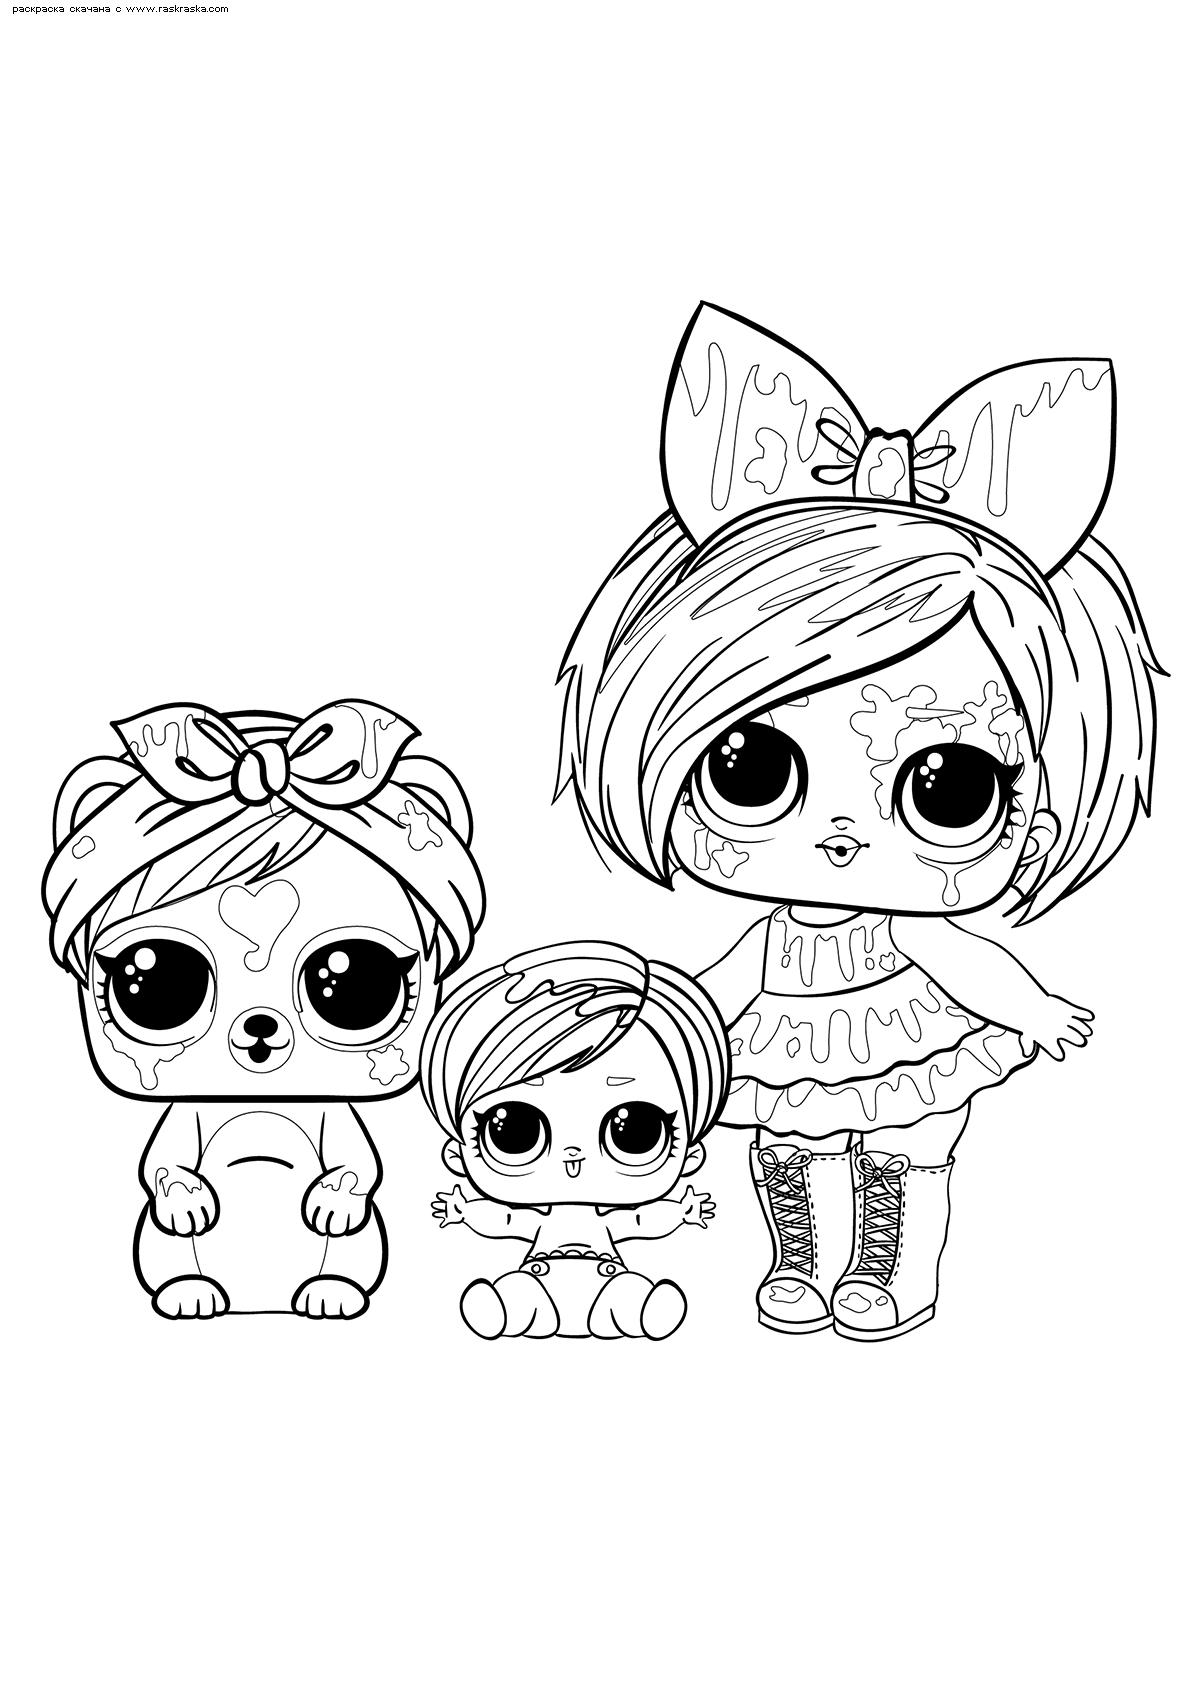 Раскраска ЛОЛ Брызги с малышкой и питомцем. Раскраска лол